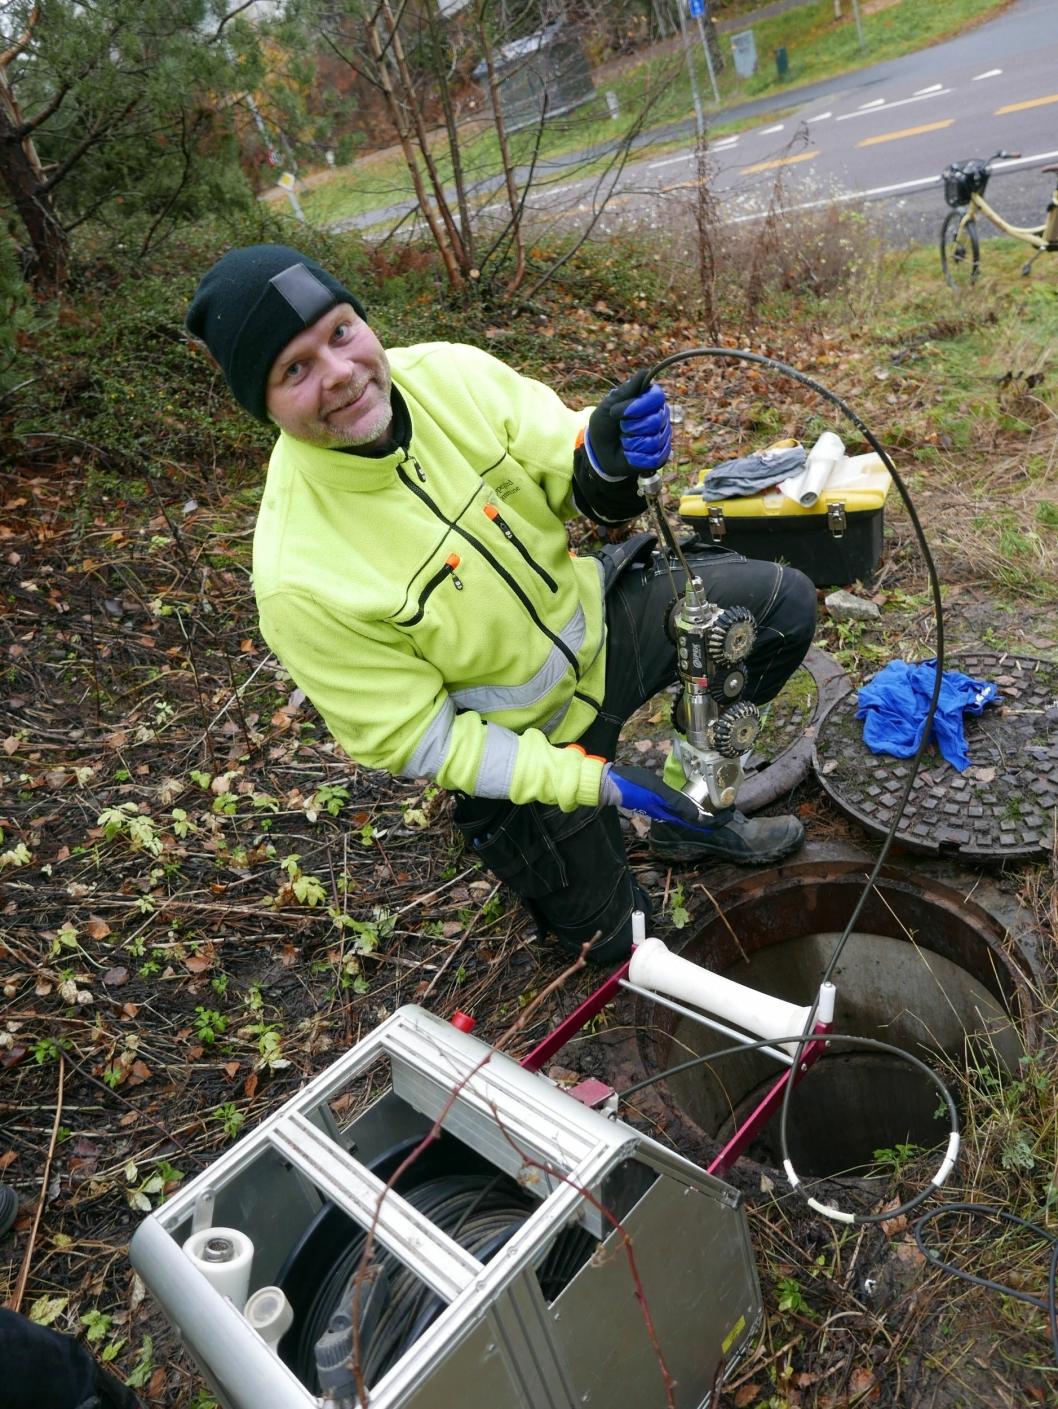 INSPEKSJONSTRAKTOR: På bildet ser du driftsoperatør Morten Landre som sjekker avløpsrørene på Kolbotn ved hjelp av en inspeksjonstraktor med kamera.